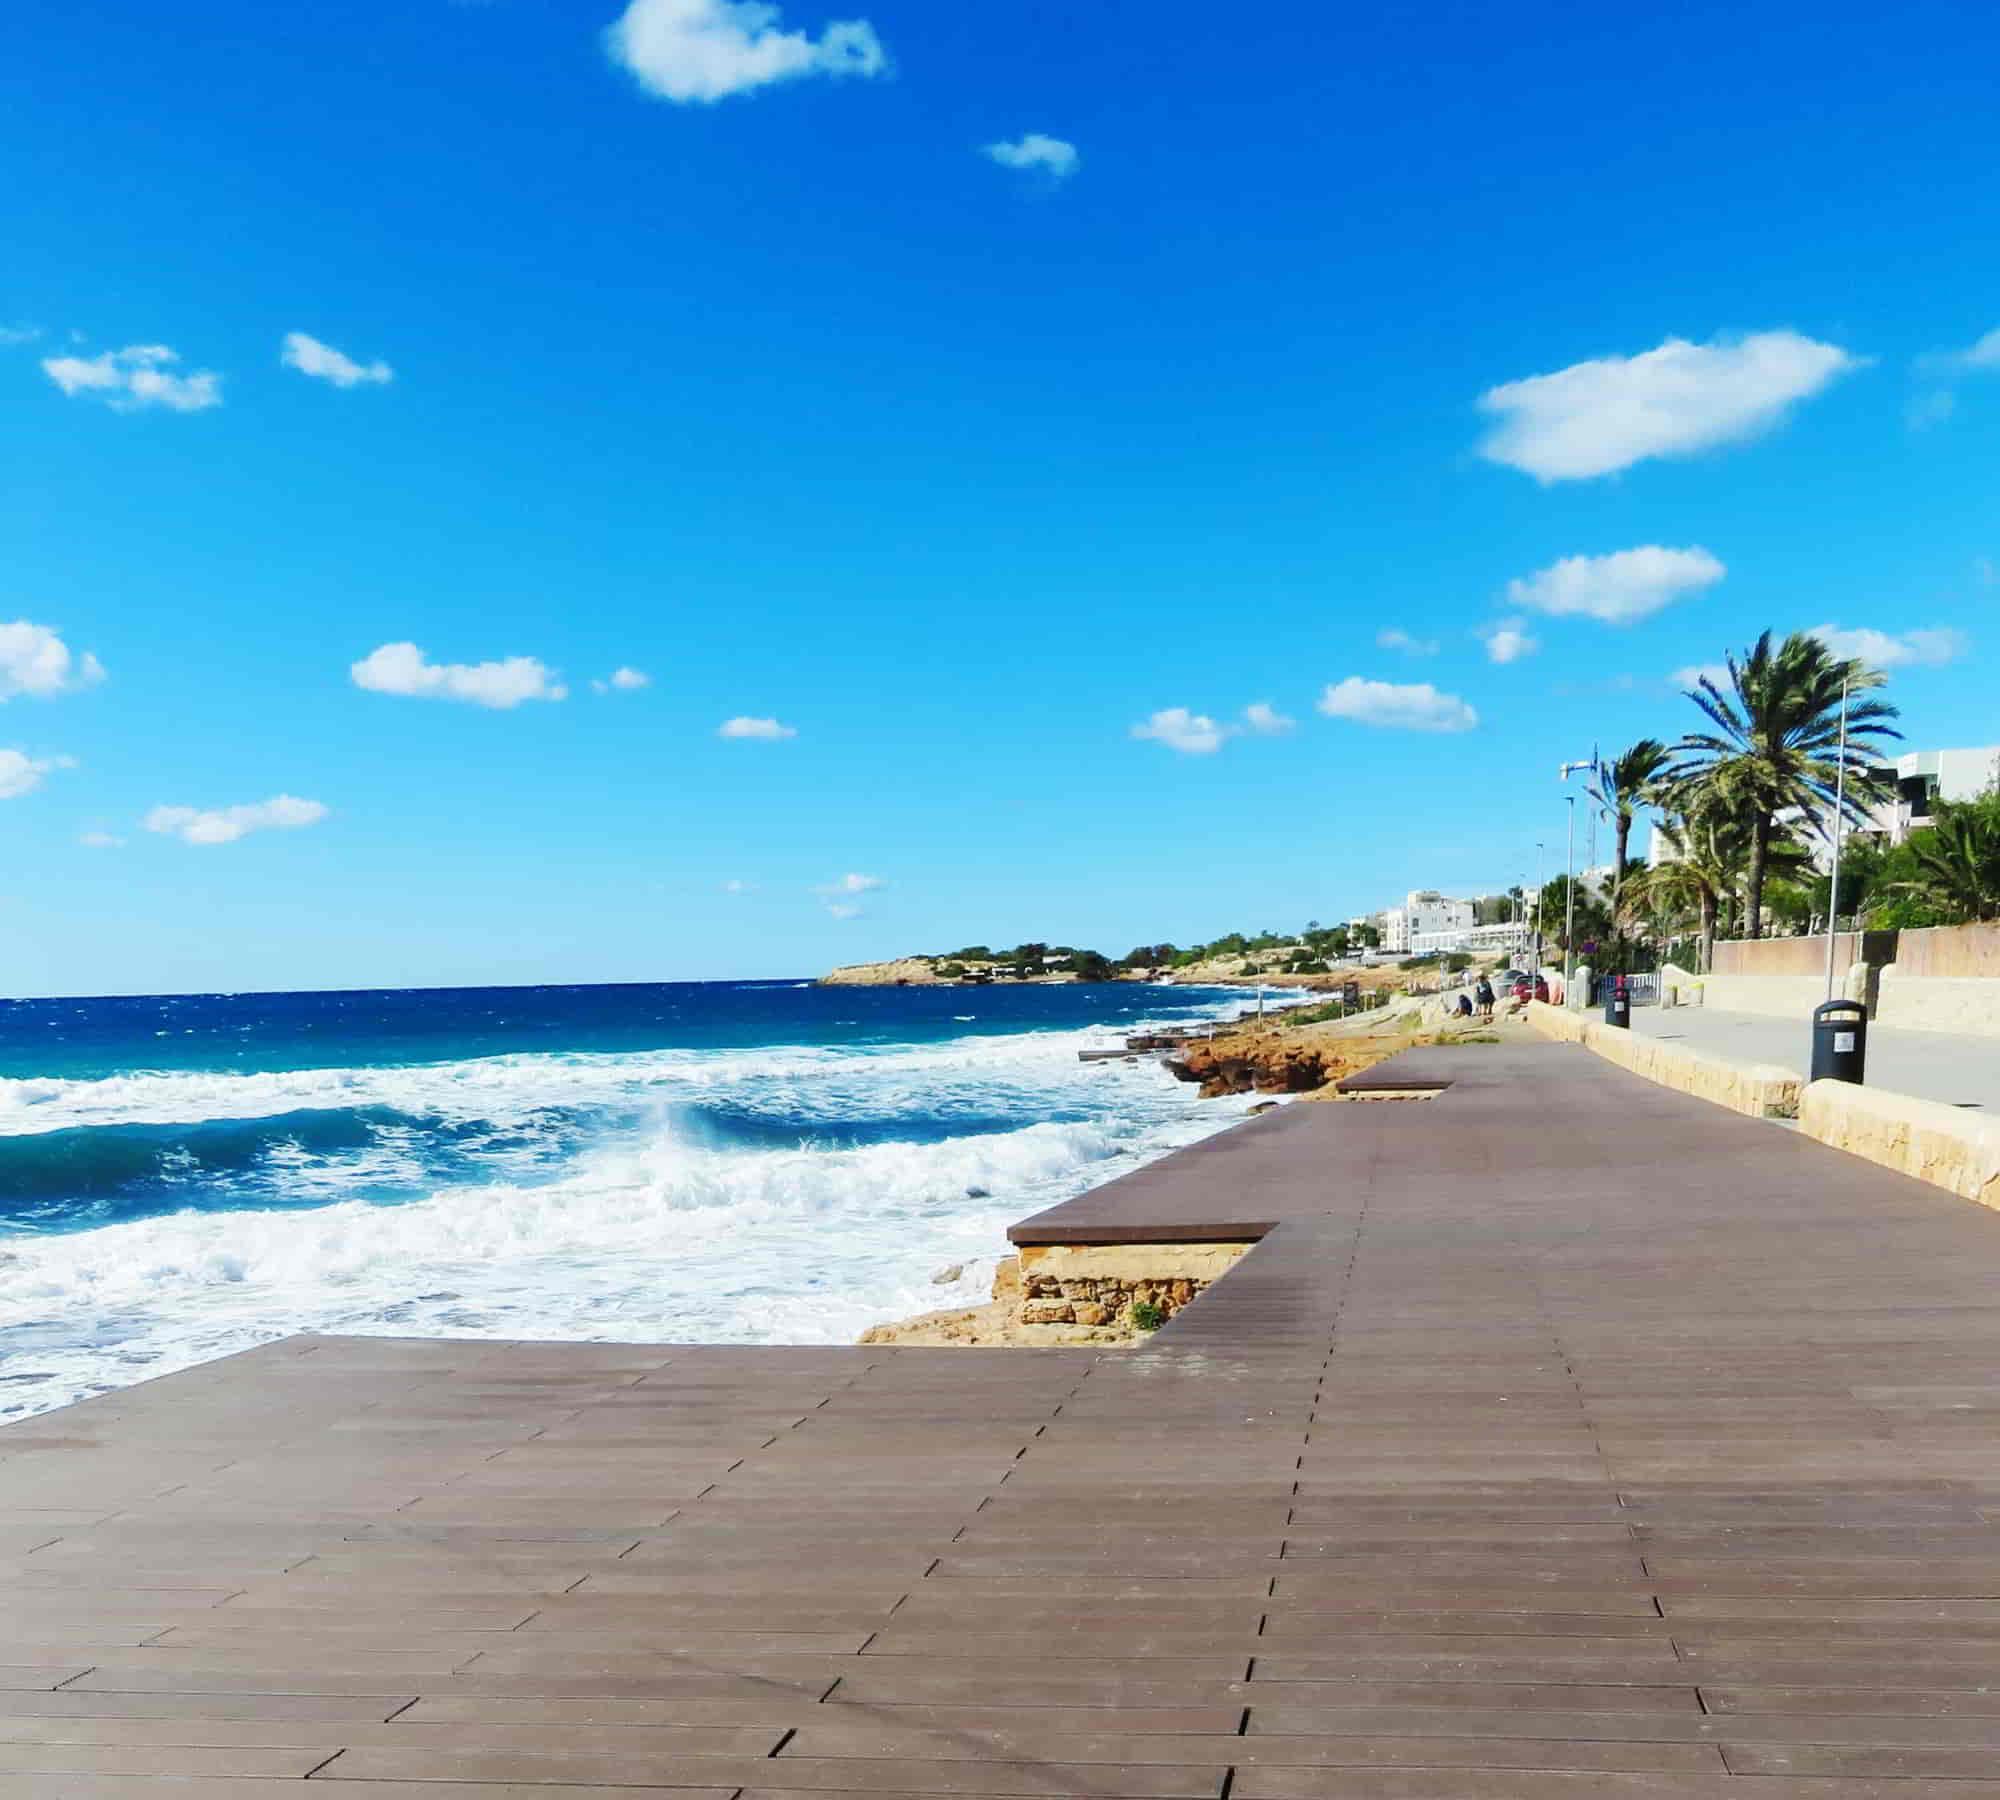 Pasarela de madera que facilita el acceso a las zonas de playa